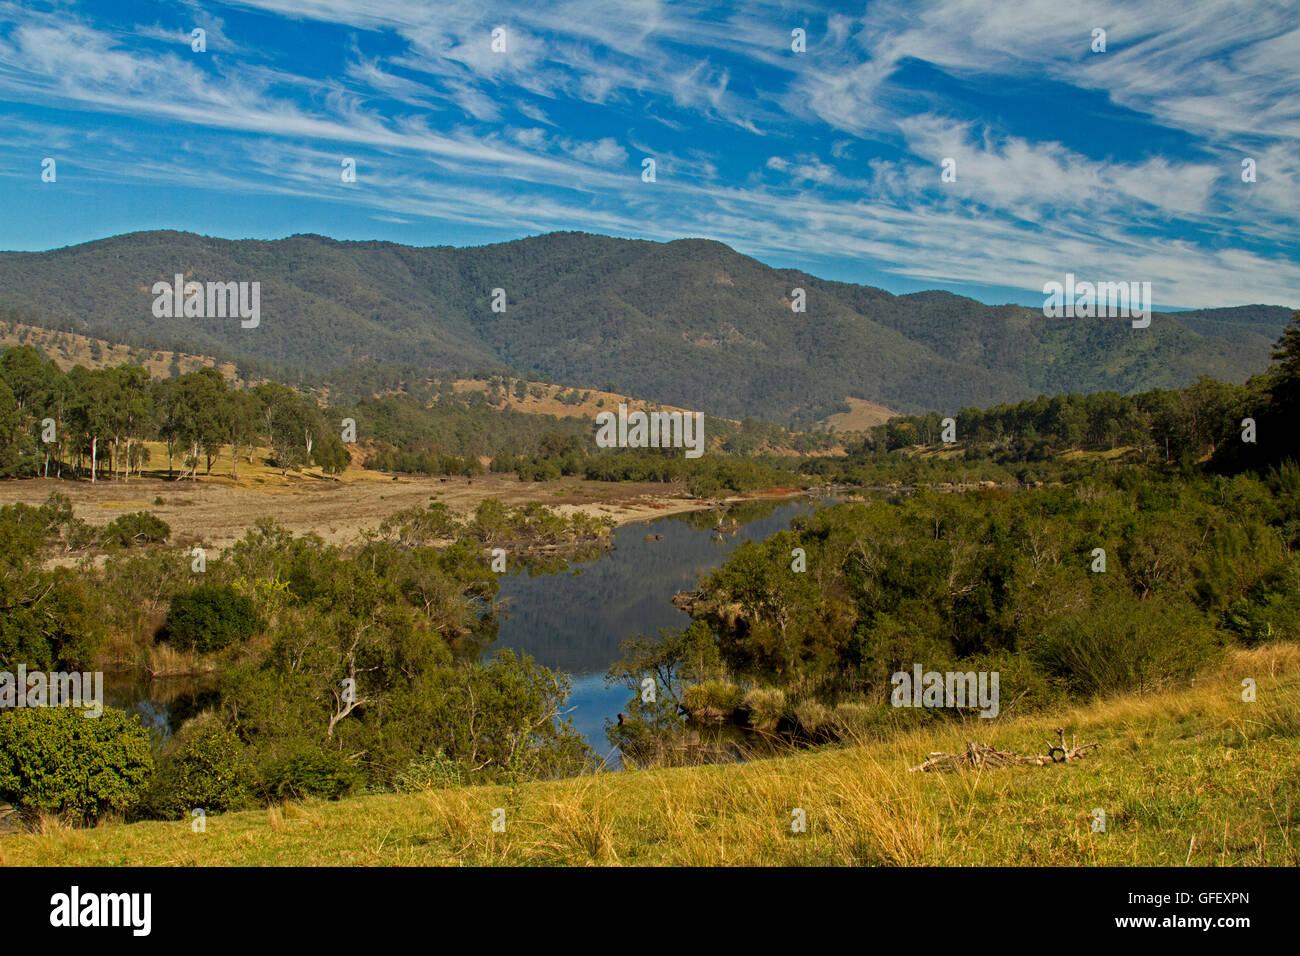 Stunning landscape, Mann River slicing through woodlands, golden grasses, forested hills of great dividing range - Stock Image